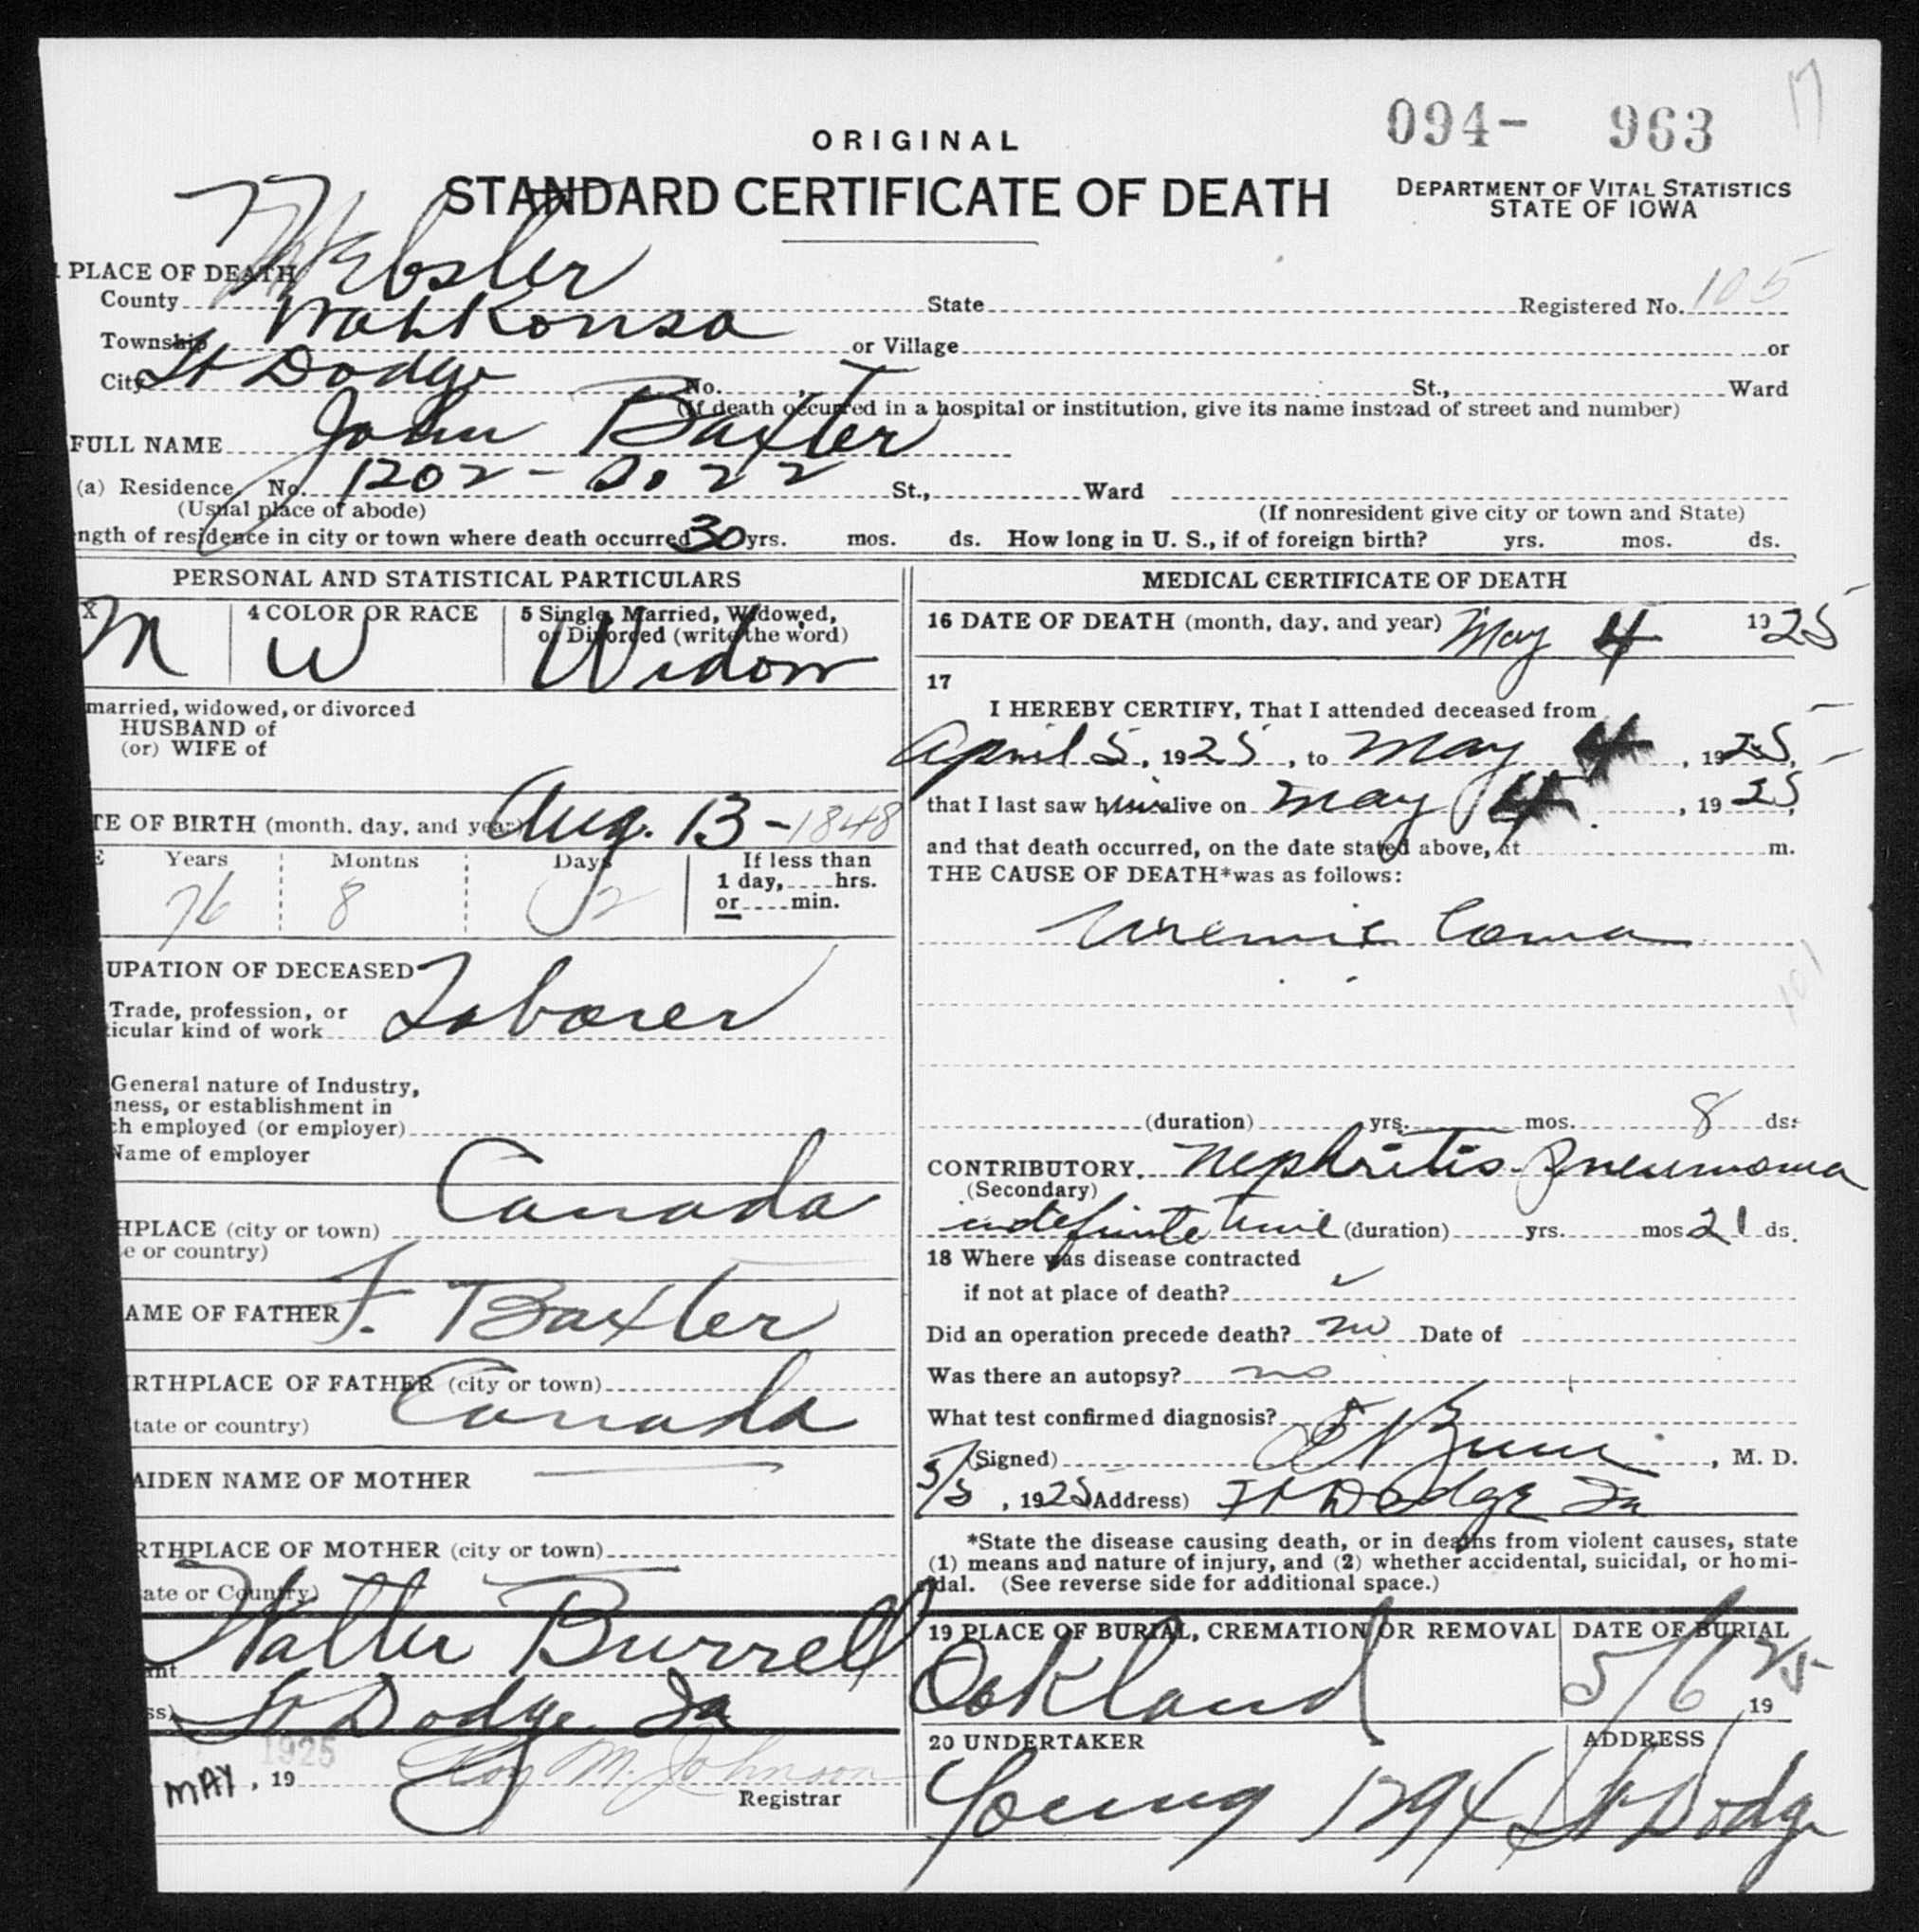 John Baxter death certificate